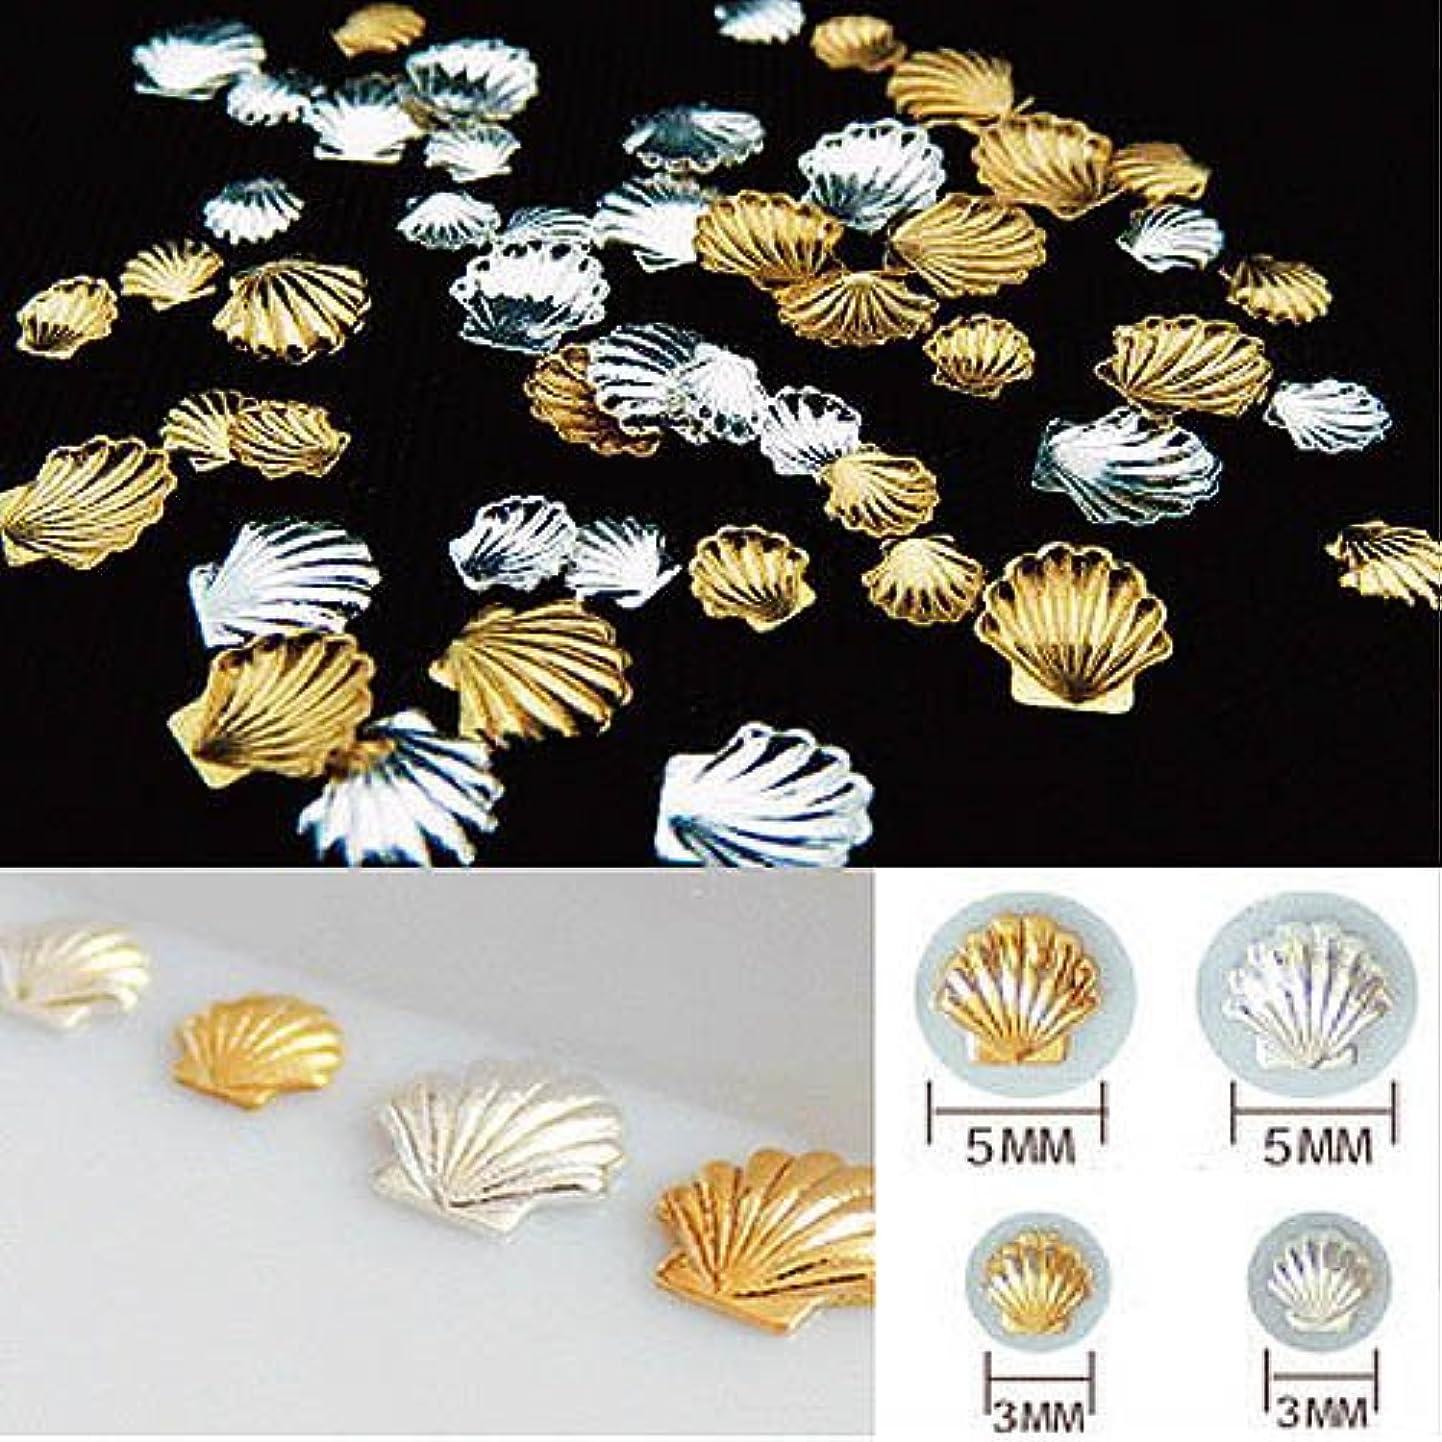 ベアリングサークルシェード慢な貝殻モチーフ マリン パーツ チャーム 金属パーツ メタルシェル 48個(ゴールド&シルバー、3mm&5mm 各12個)セット